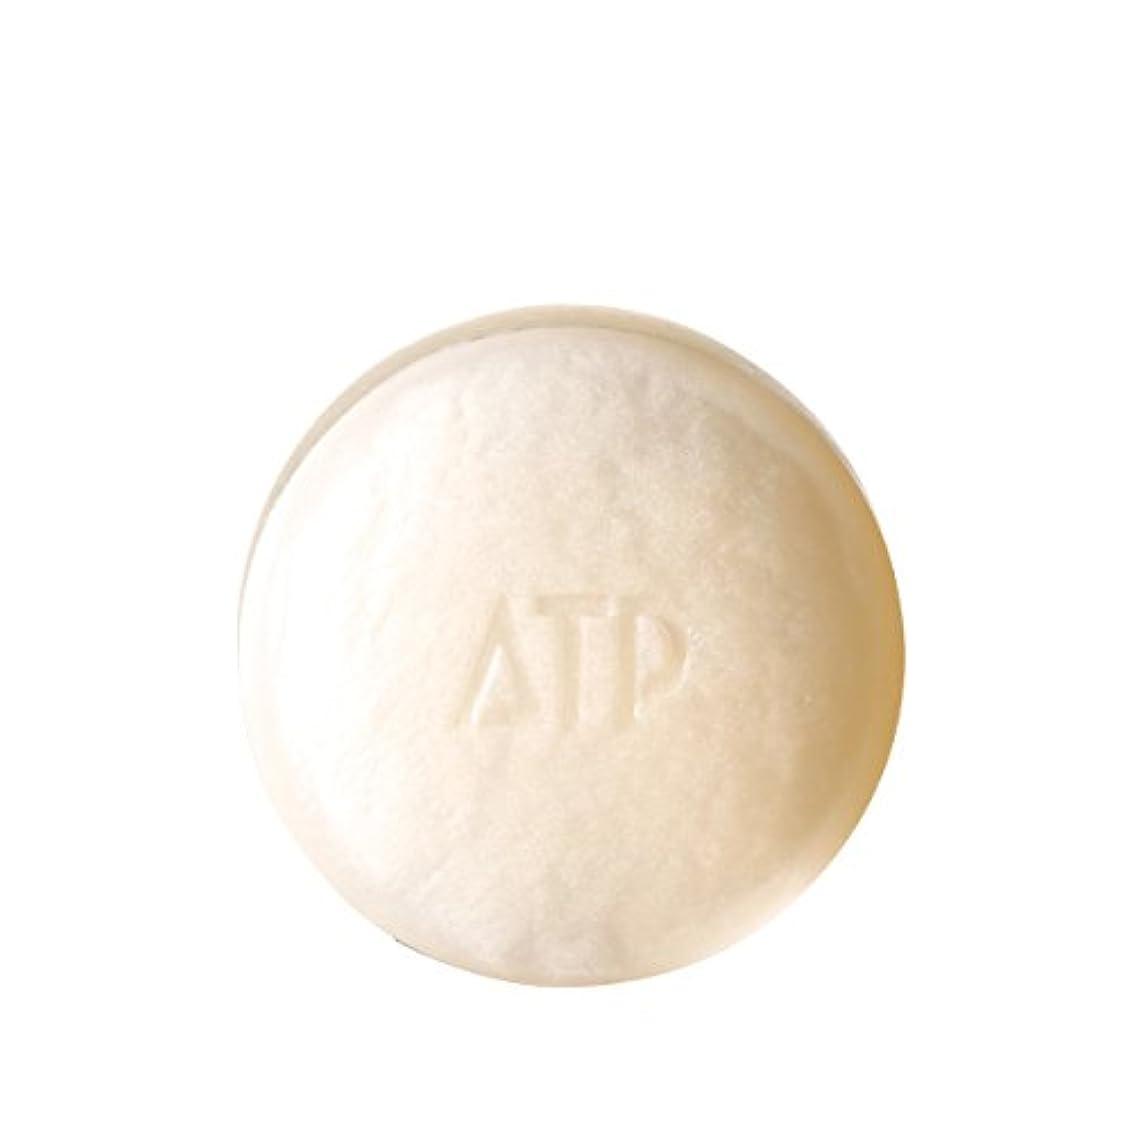 ラシンシア ATP デリケアソープ 100g 【全身用洗浄石けん】